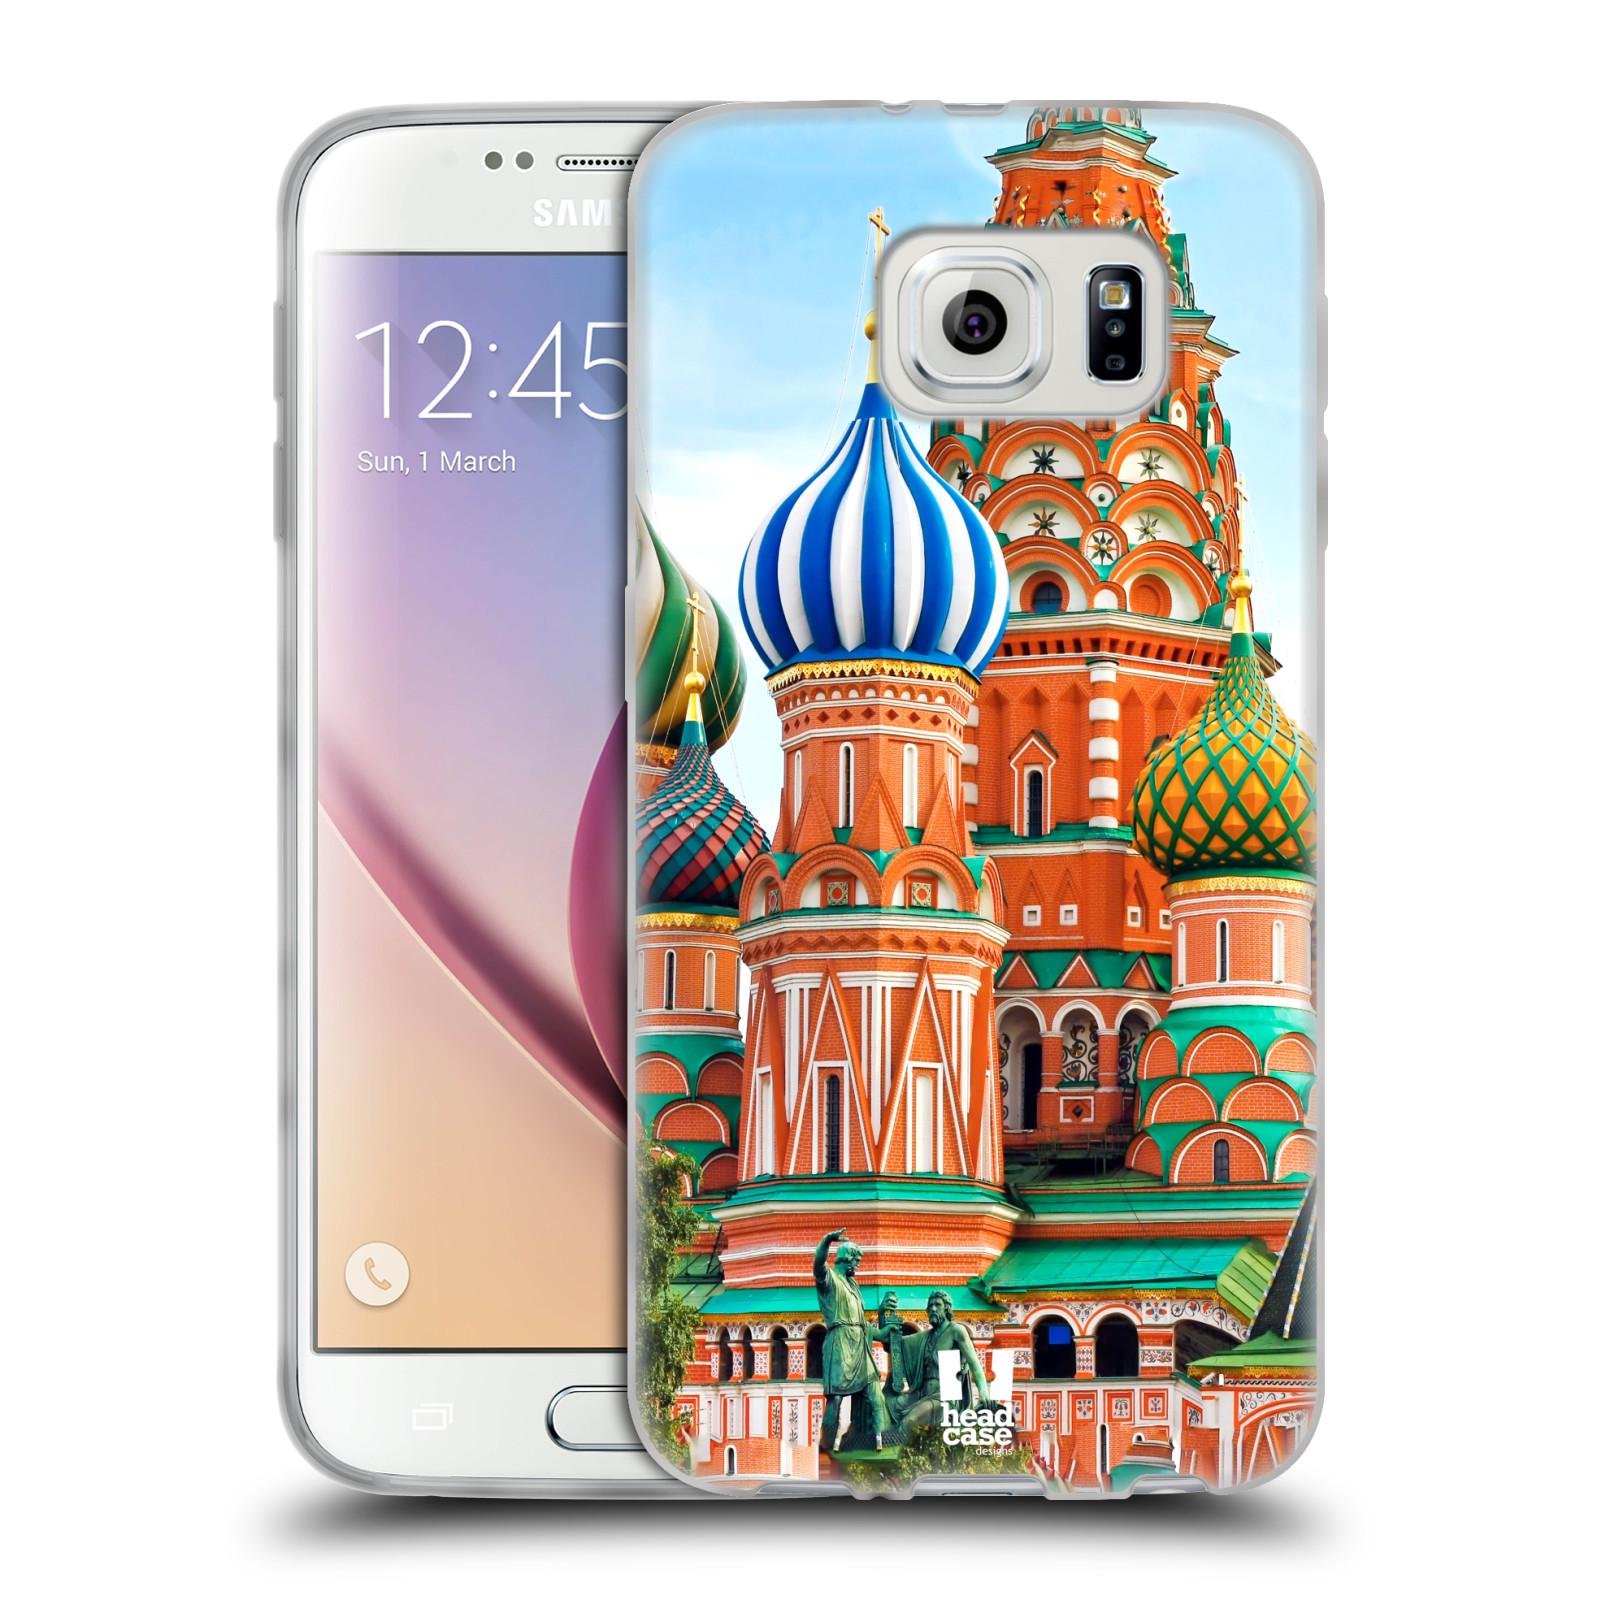 HEAD CASE silikonový obal na mobil Samsung Galaxy S6 vzor Města foto náměstí RUSKO,MOSKVA, RUDÉ NÁMĚSTÍ